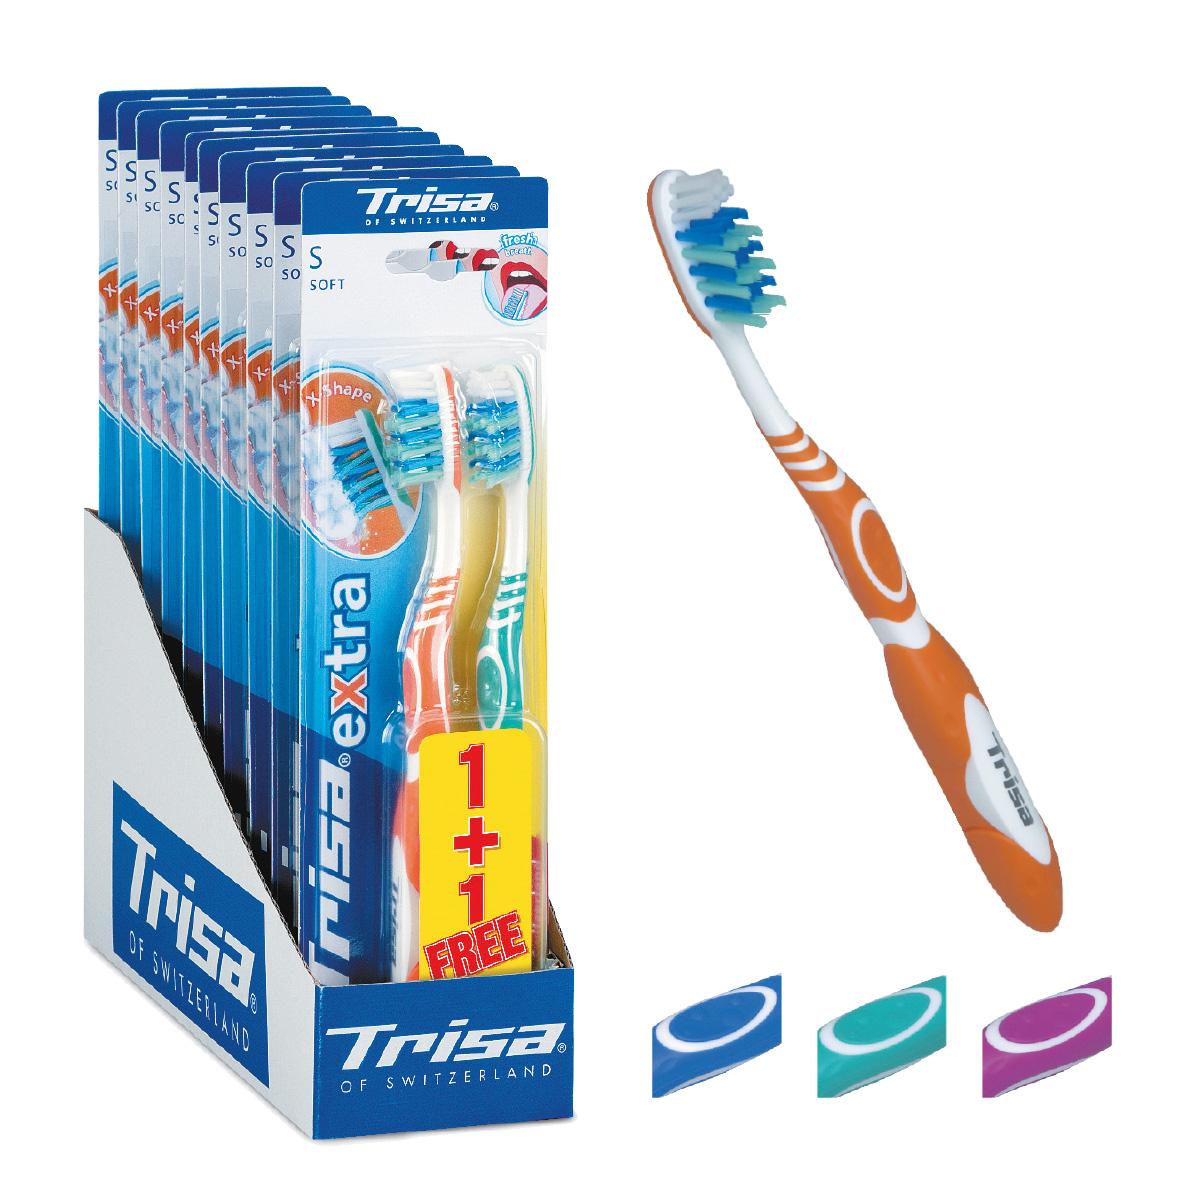 Trisa зубная щётка Экстра (2в1) мягкая626430Зубная щетка Trisa Extra 2 for 1 - мягкая щетина - произведена в Швейцарии в соответствии с новейшими научными разработками. Профилактическая зубная щетка. Многоуровневая перекрестная щетина обеспечивает качественную чистку. На обратной стороне головки пластиковый скребок для языка. Удобный семейный вариант – в упаковке 2 щетки разного цвета по цене 1 щетки.